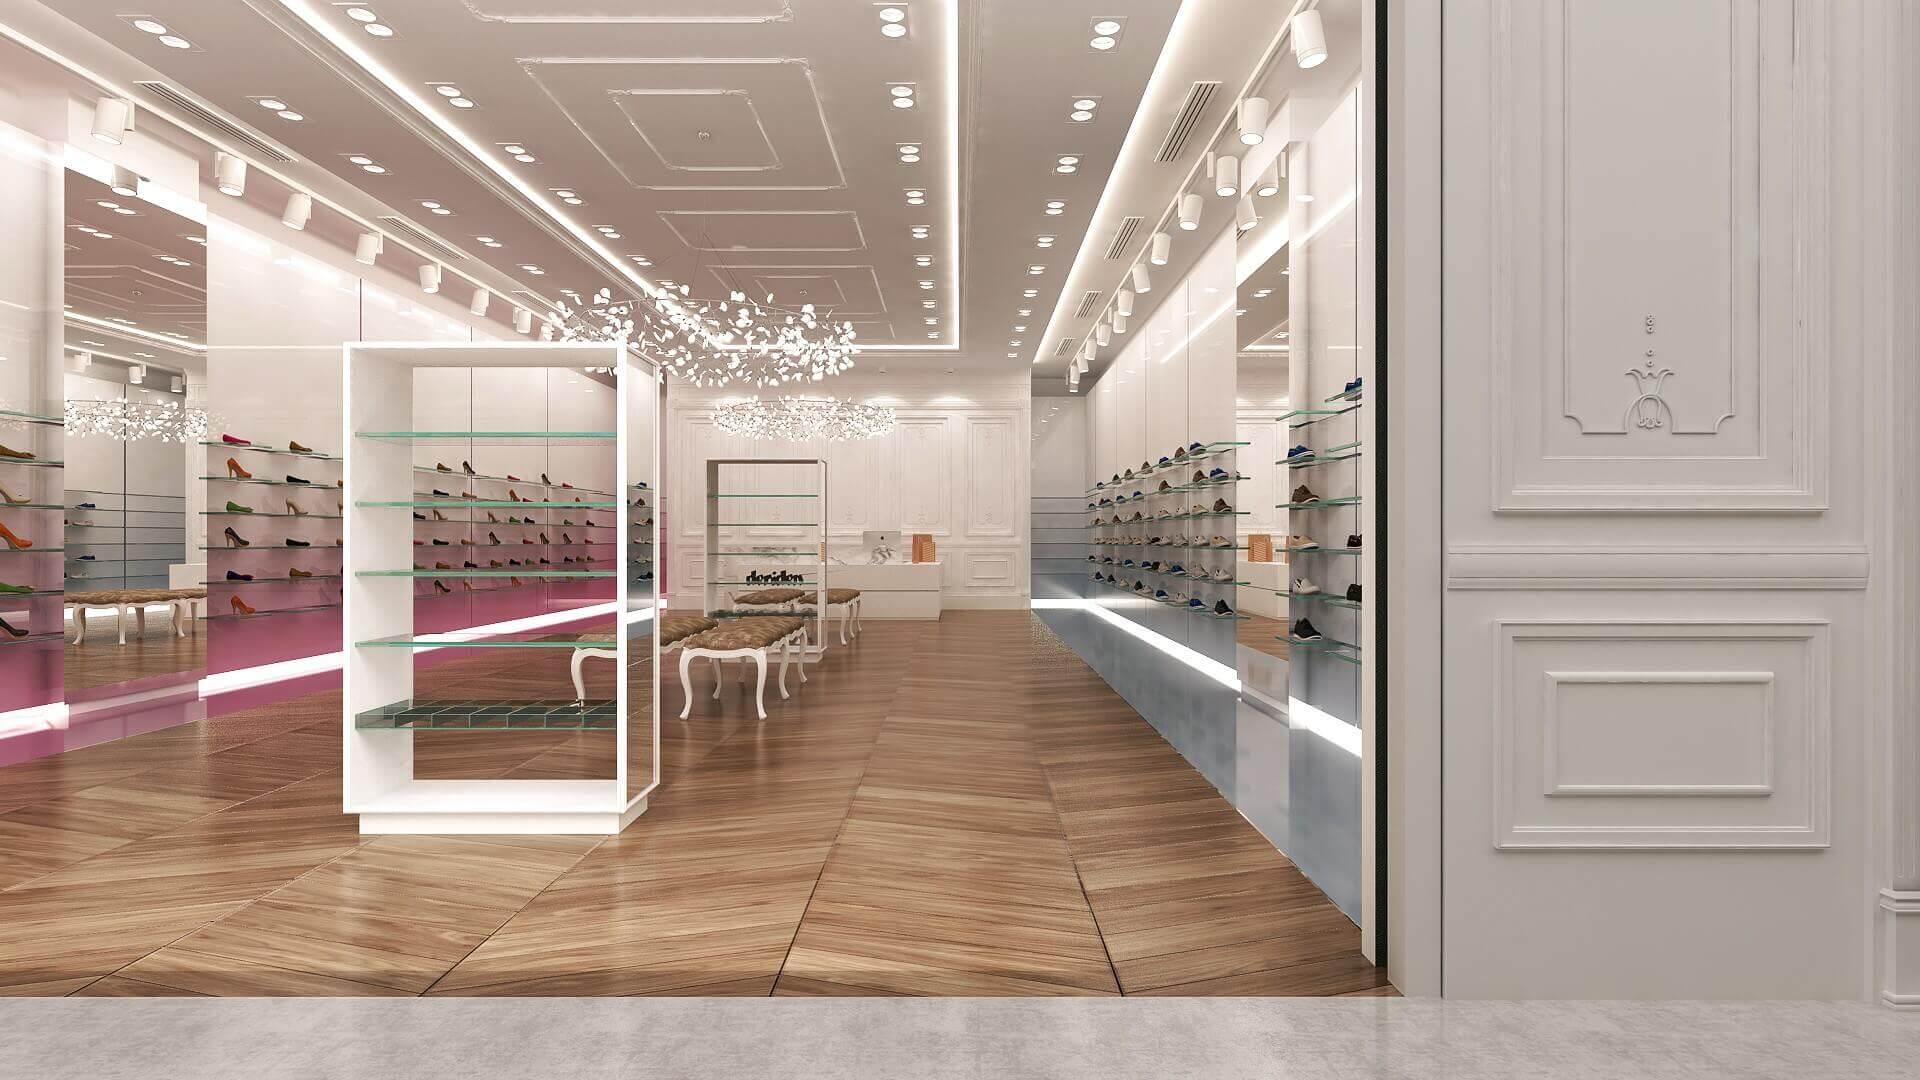 retail design 2020 Deriden Concept Retail